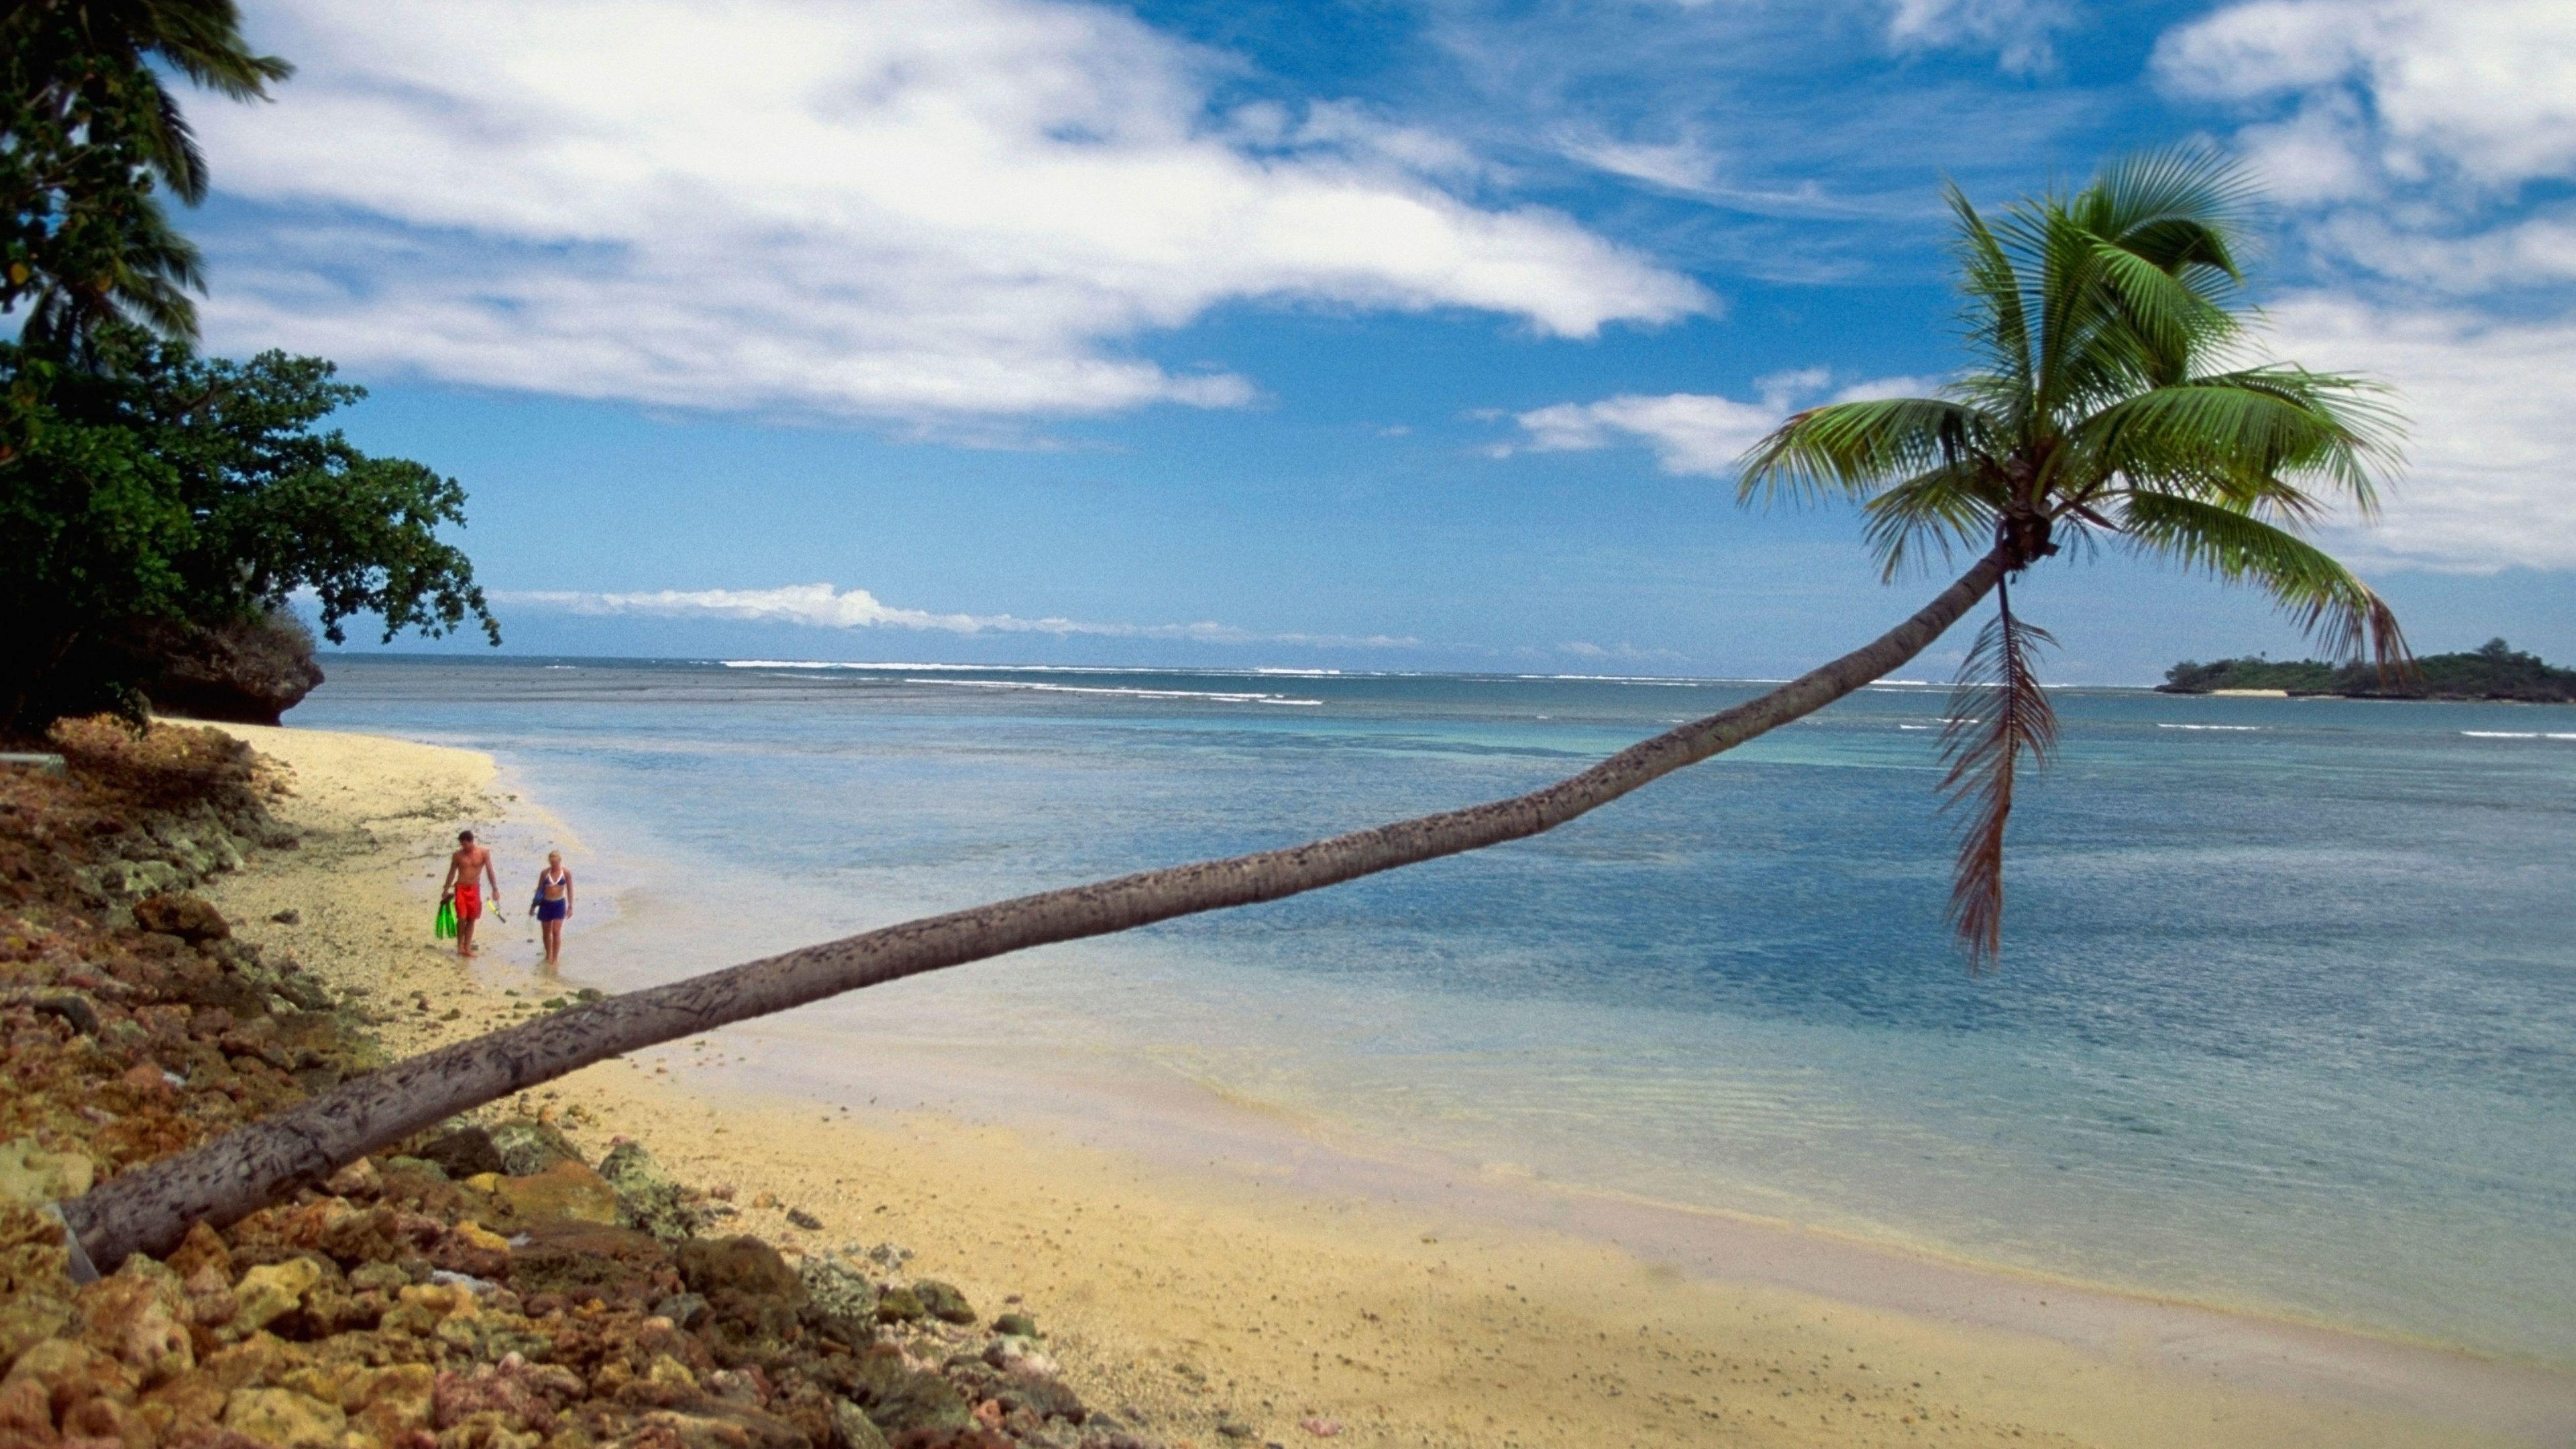 Couple with snorkeling gear walking along a beach in Fiji